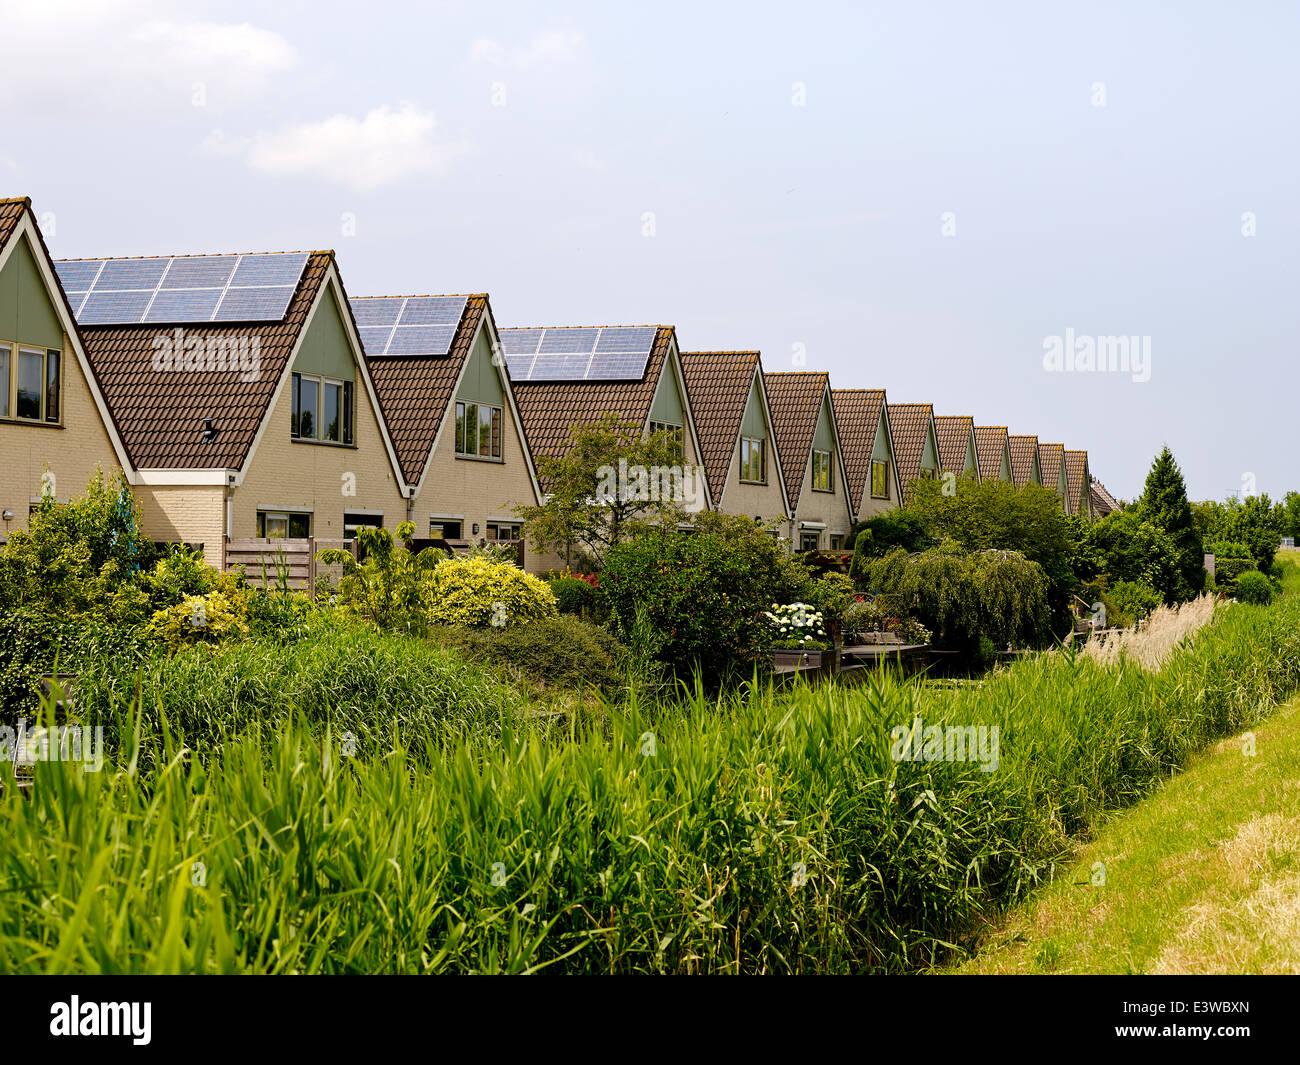 La generación de energía solar mediante la colocación de paneles solares en viviendas, Países Imagen De Stock